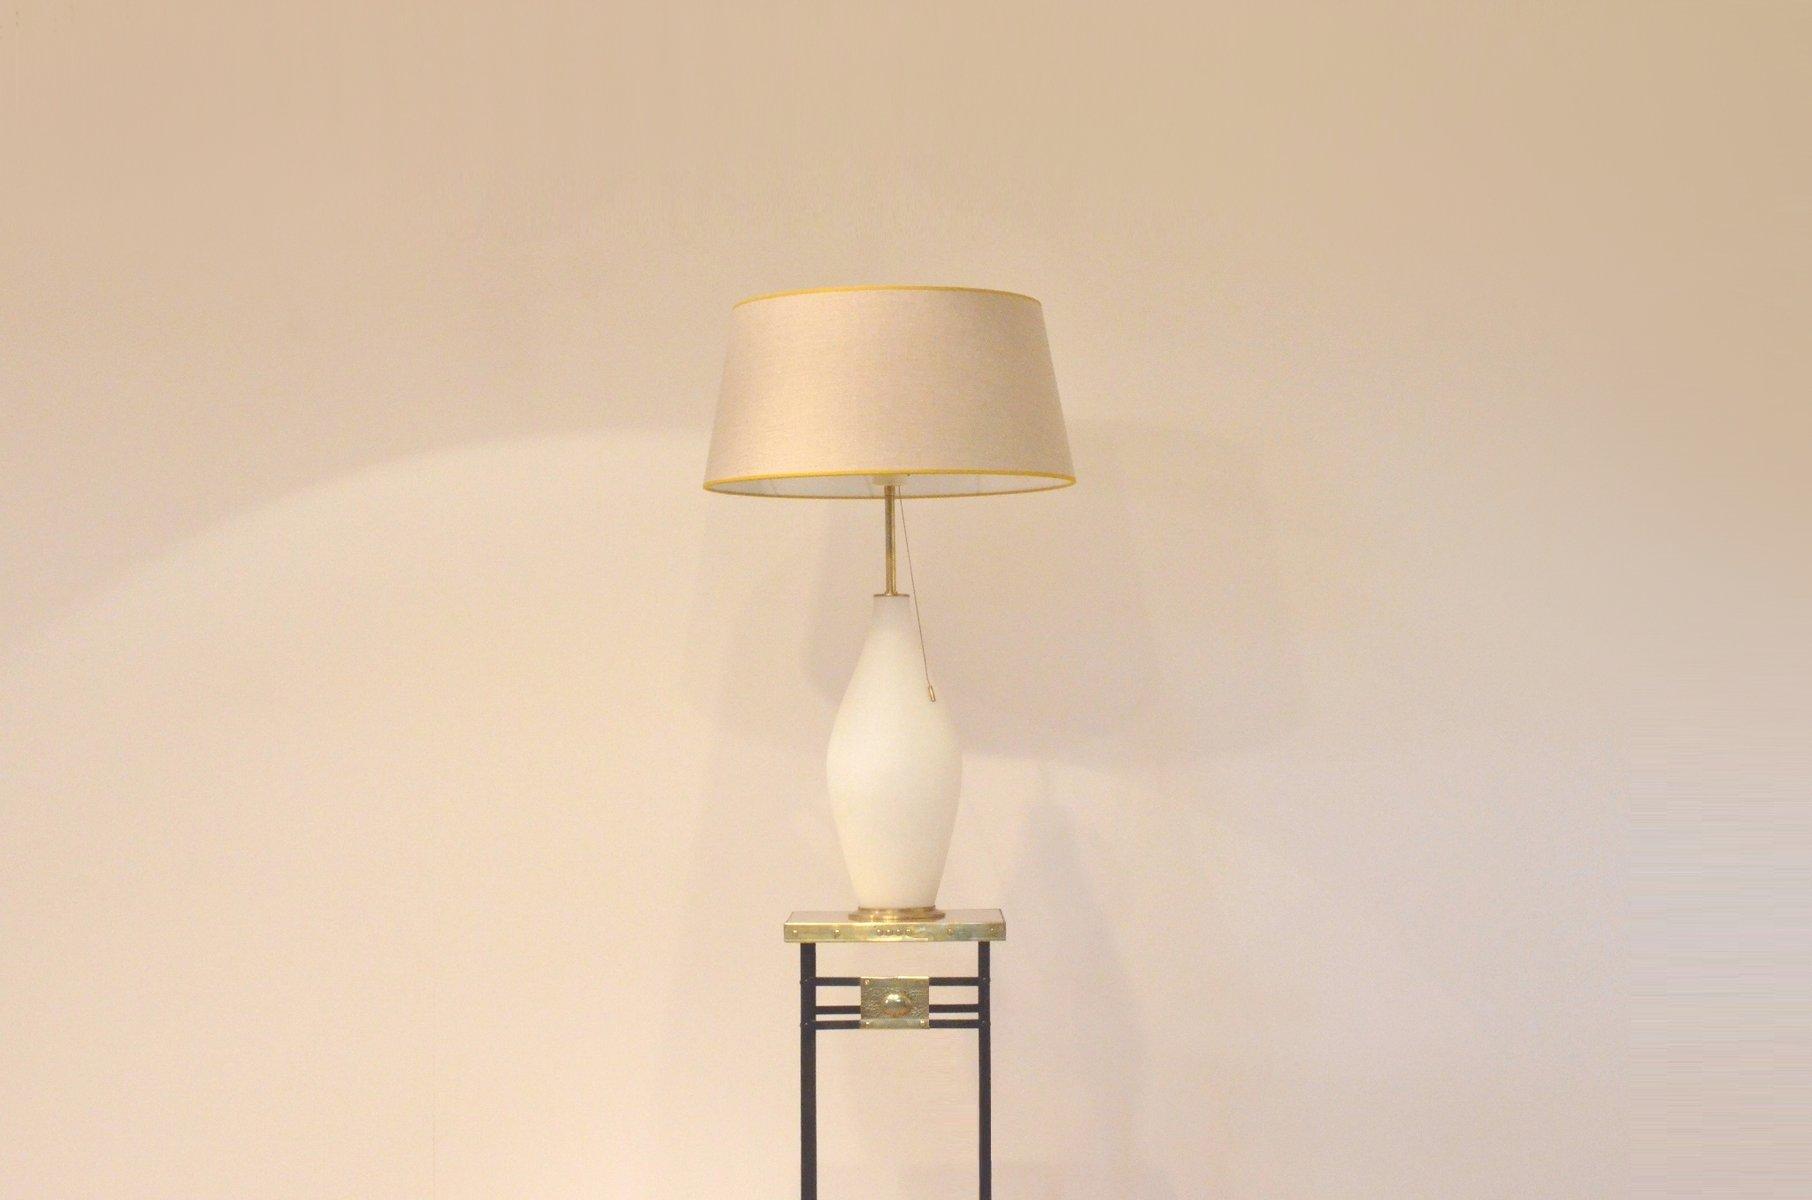 gro e vintage tischlampe aus opalisierendem glas messing von peill putzler bei pamono kaufen. Black Bedroom Furniture Sets. Home Design Ideas